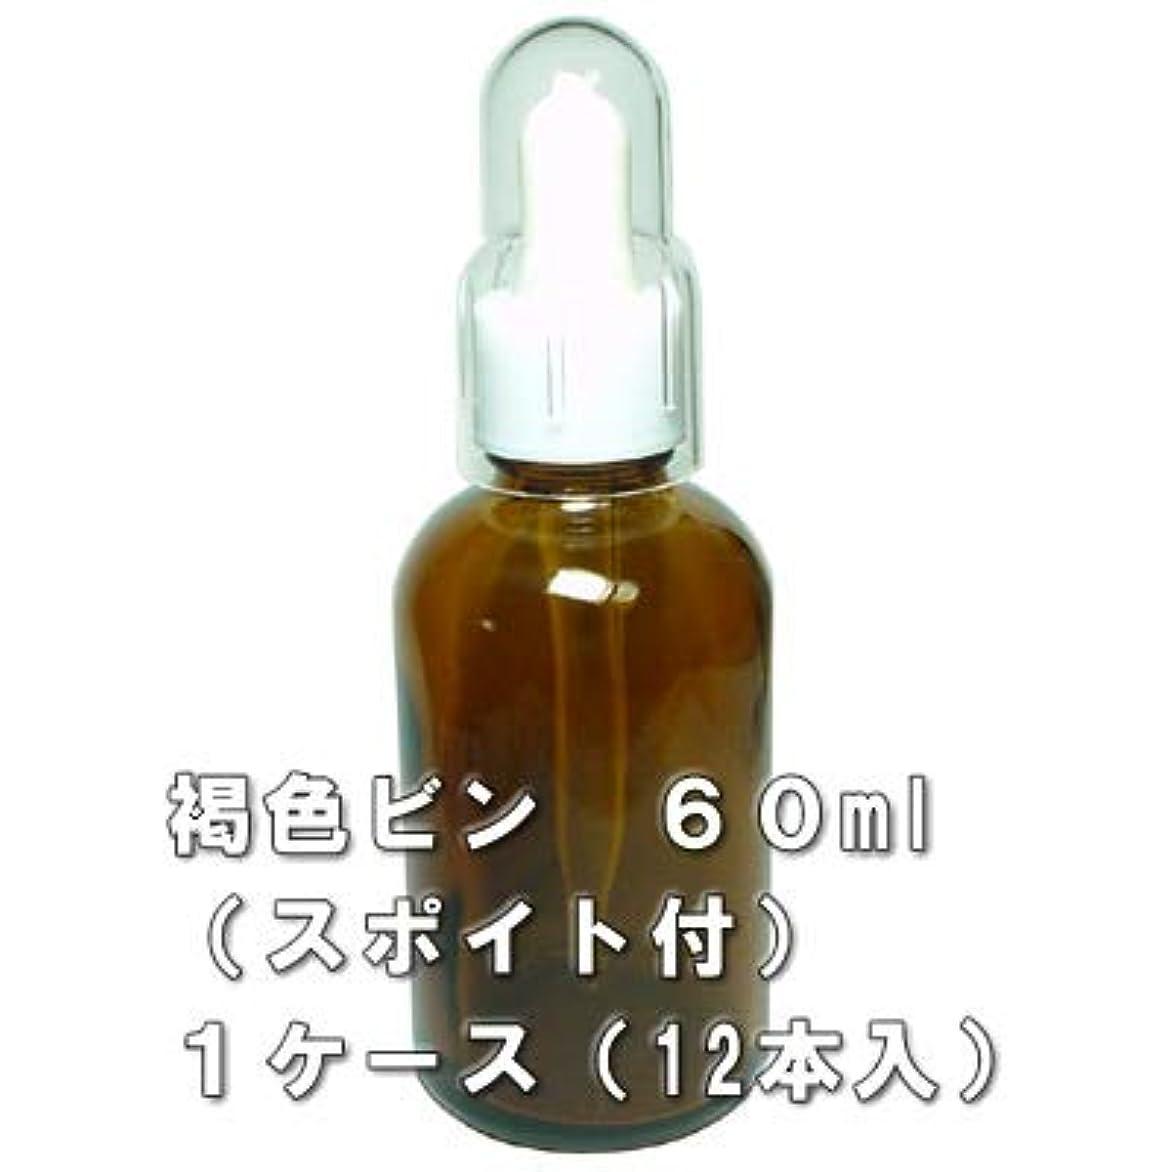 やむを得ないびっくりデンマークスポイト付き遮光瓶 褐色びん 60ml 1ケース 12本入 アロマ保存容器